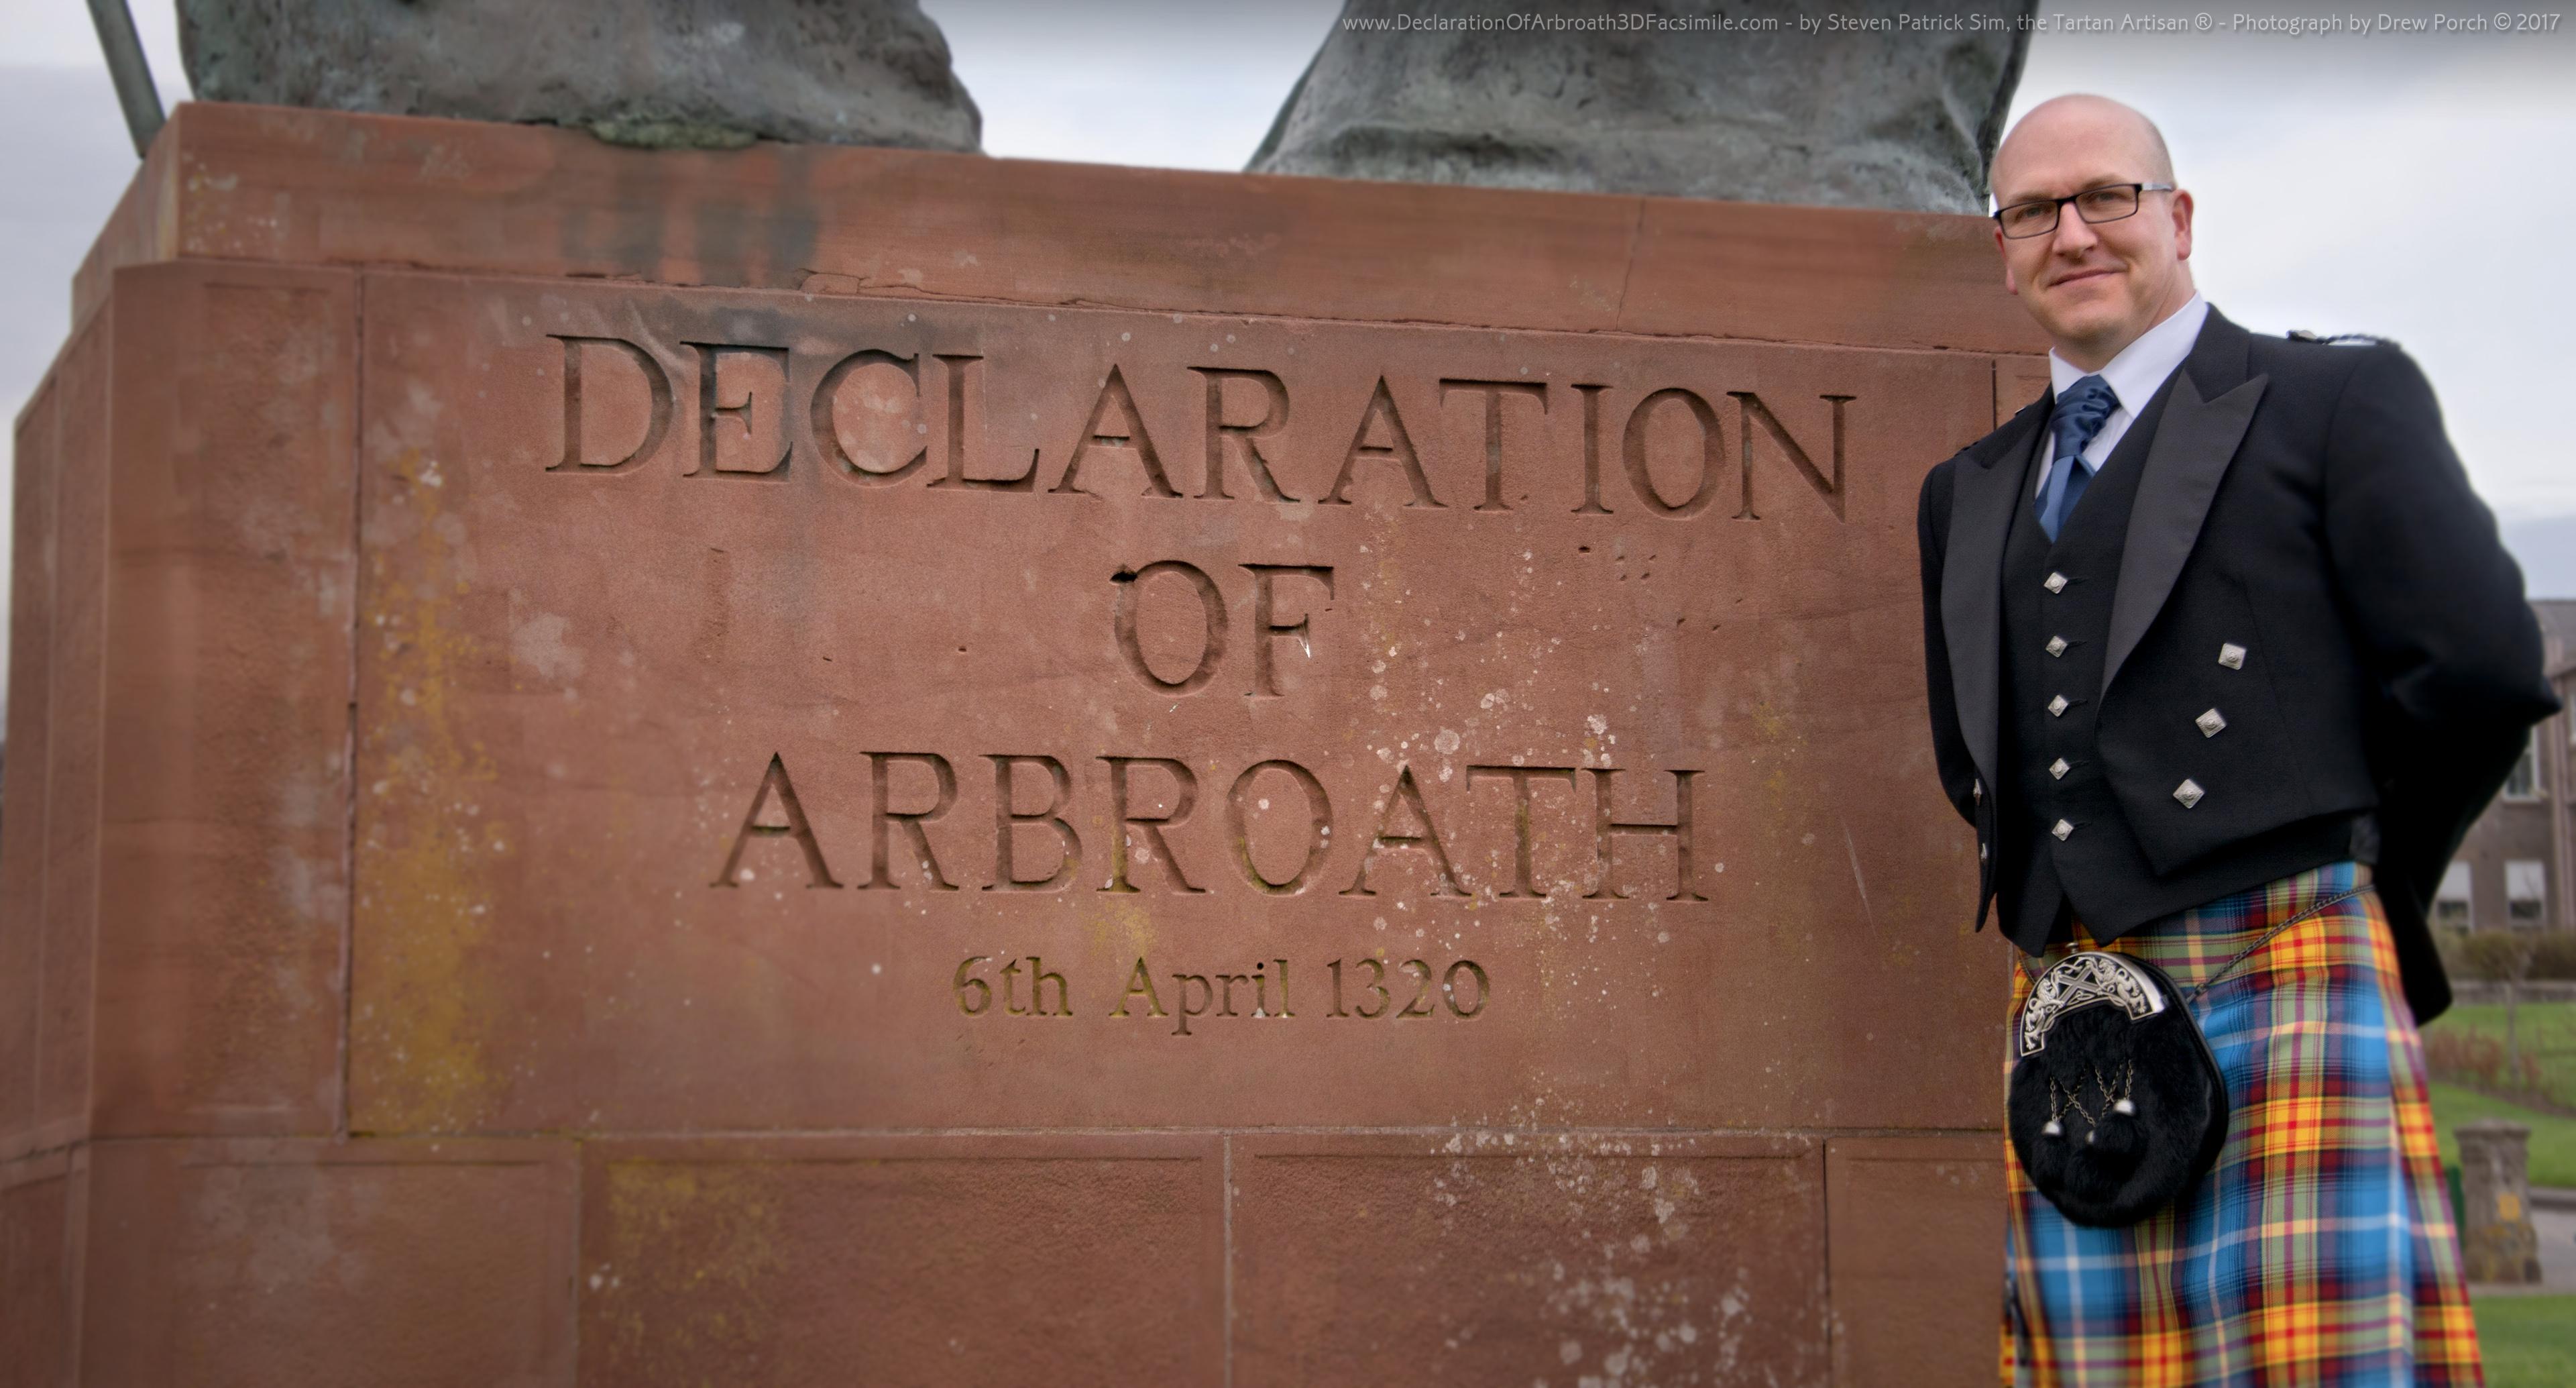 Declaration Of Arbroath 3D Replica